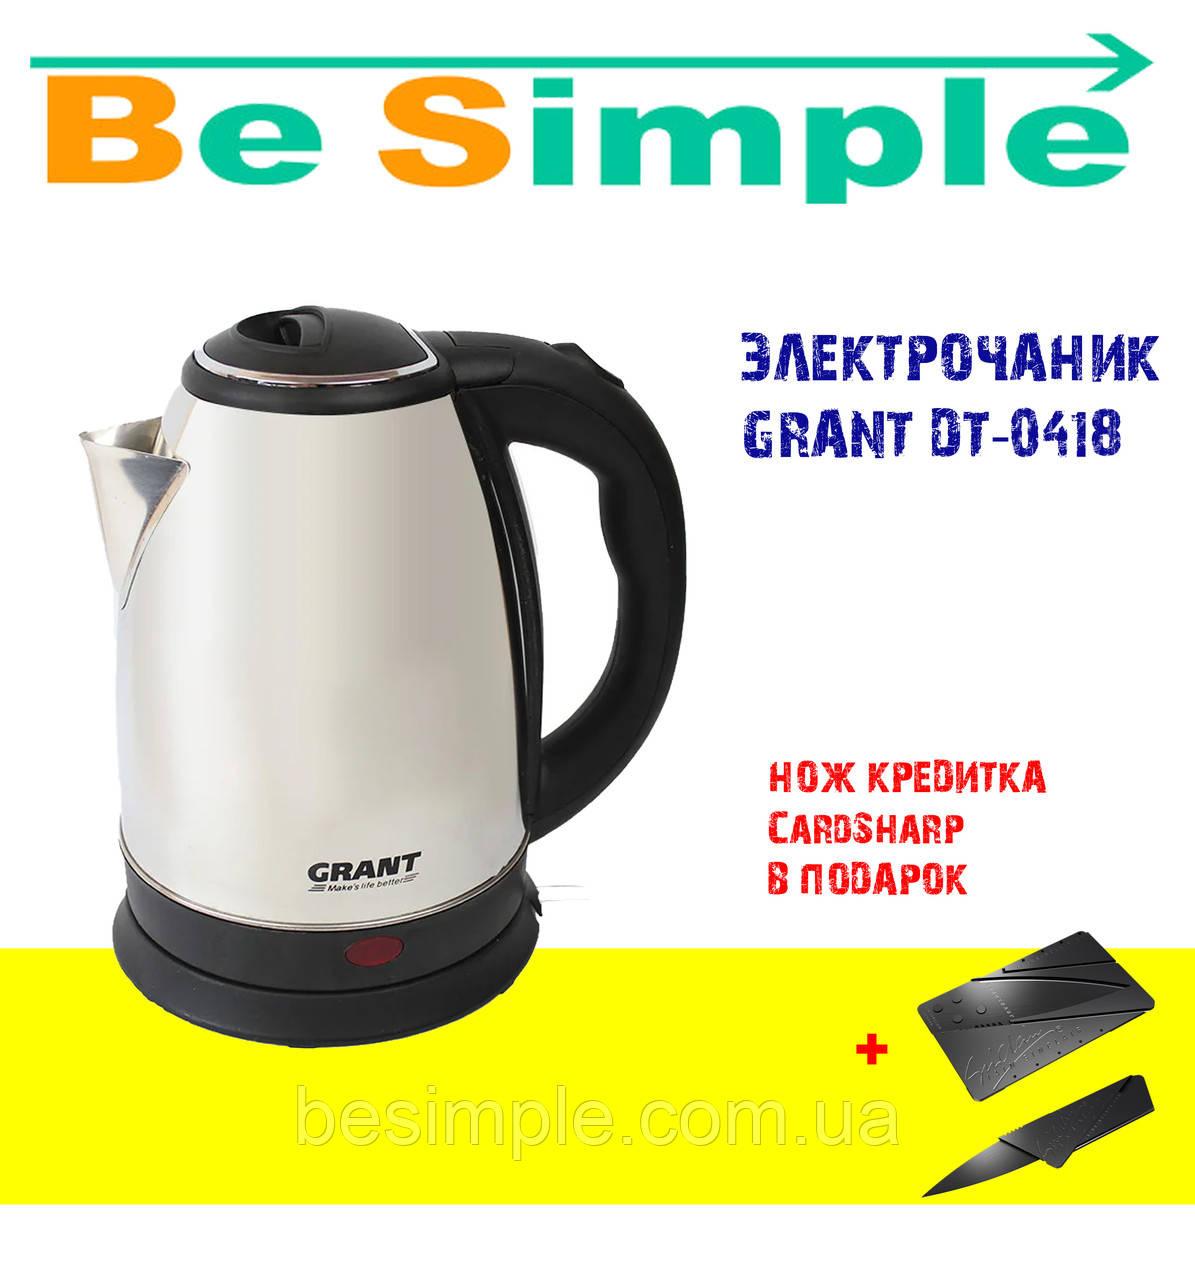 Электрочайник GRANT DT-0418